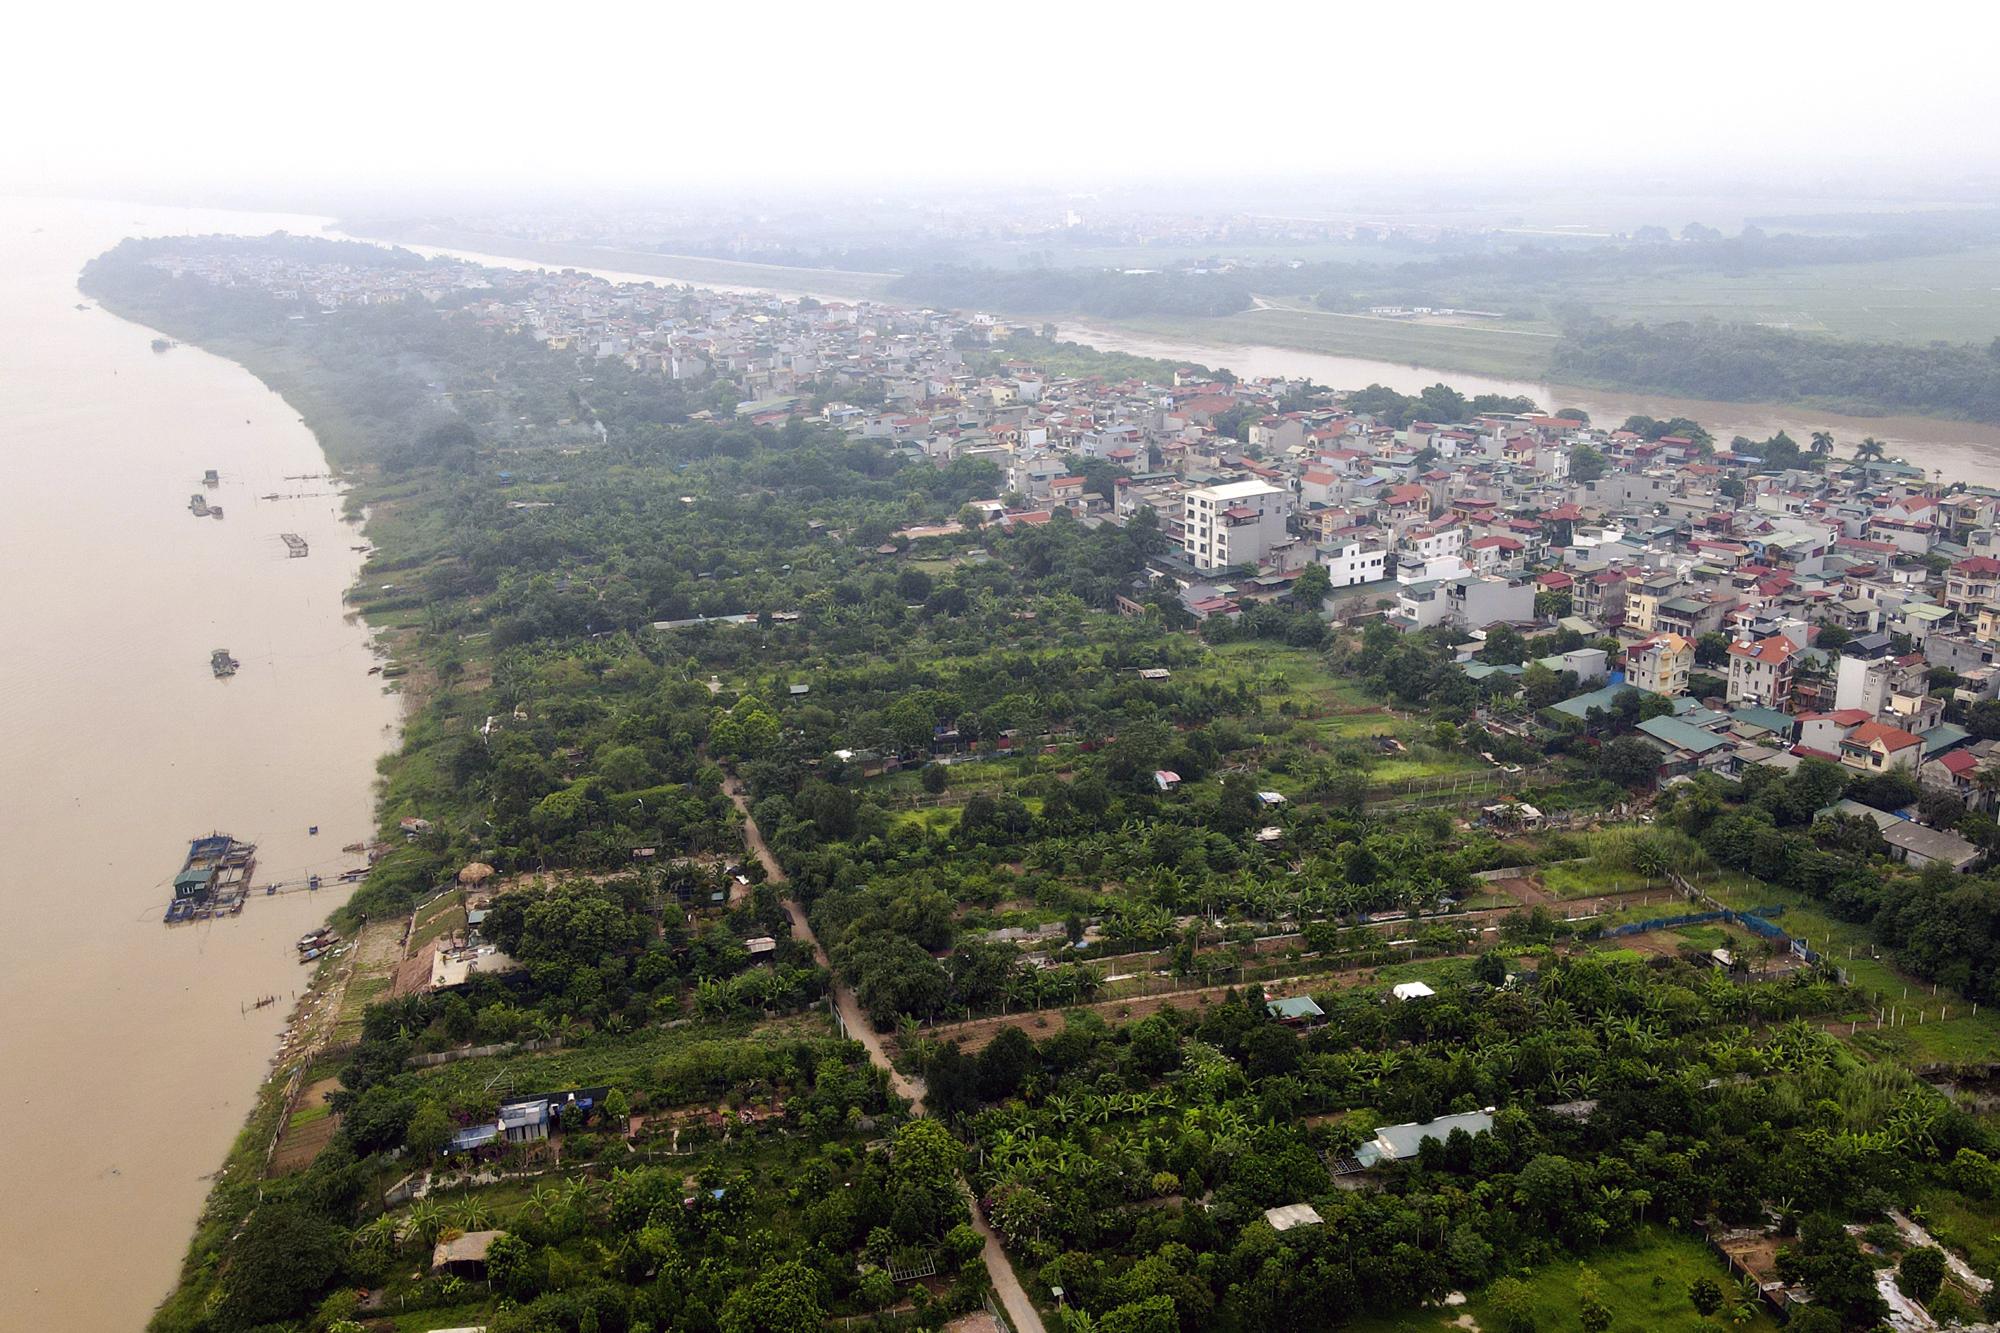 Hà Nội: Toàn cảnh các khu dân cư ven sông Hồng, sông Đuống thuộc diện di dời - Ảnh 4.